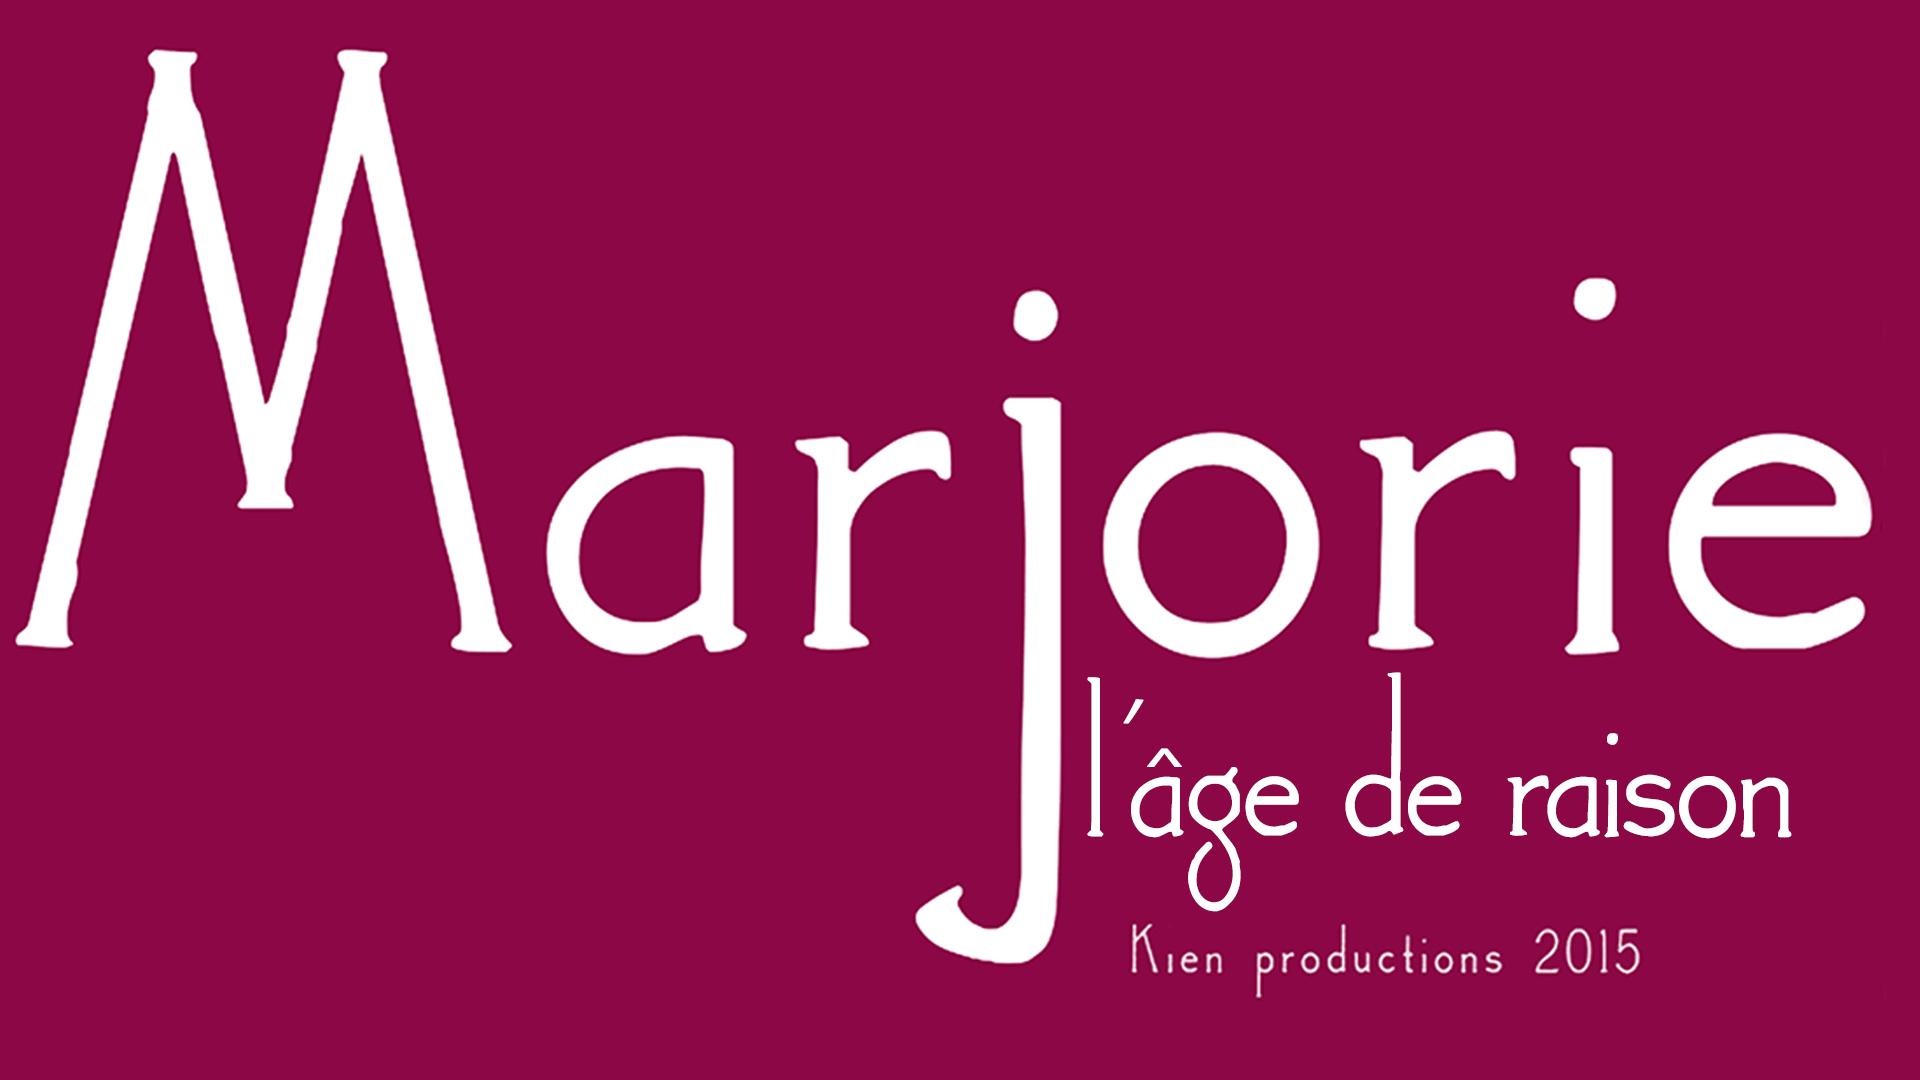 TITRE MARJORIE LAGE DE RAISON